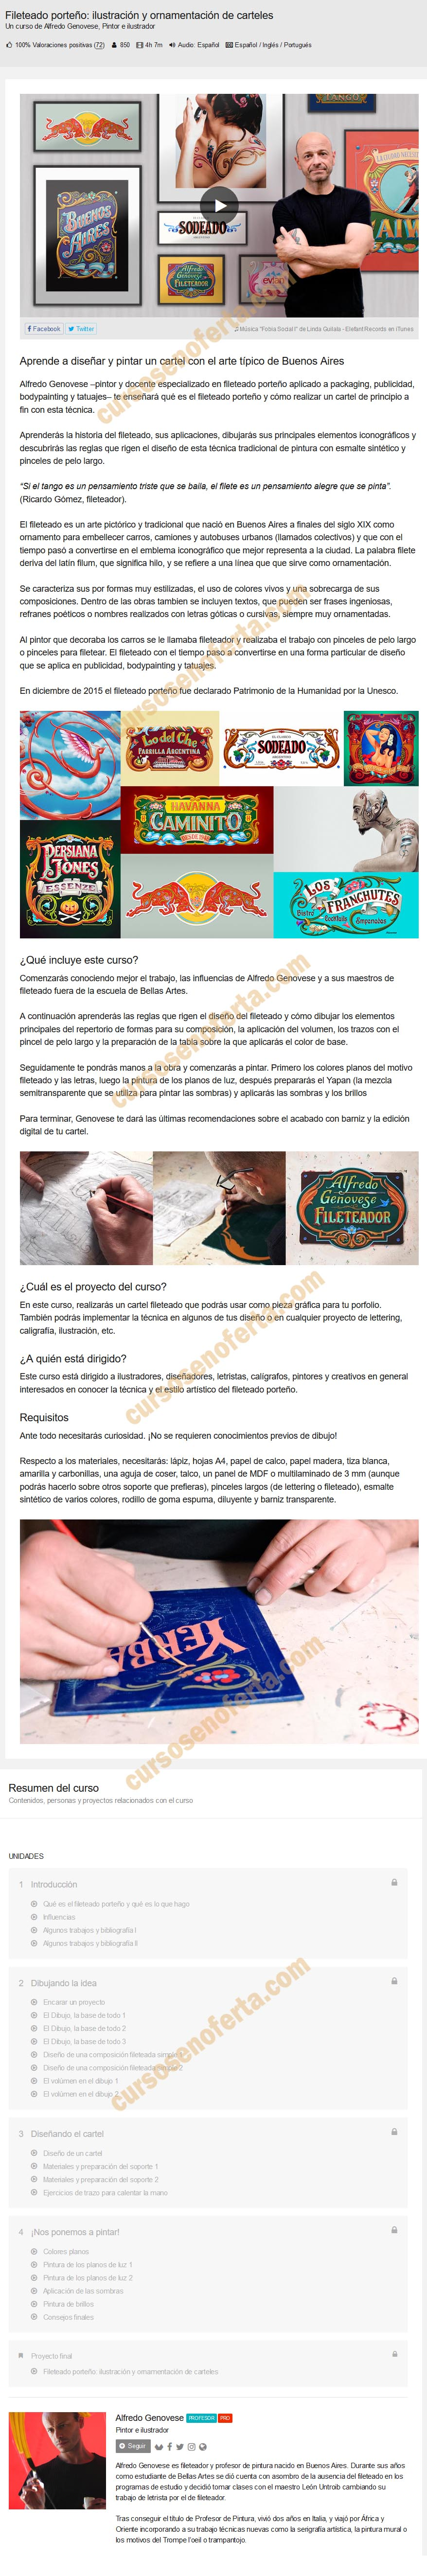 Fileteado porteño: ilustración y ornamentación de carteles